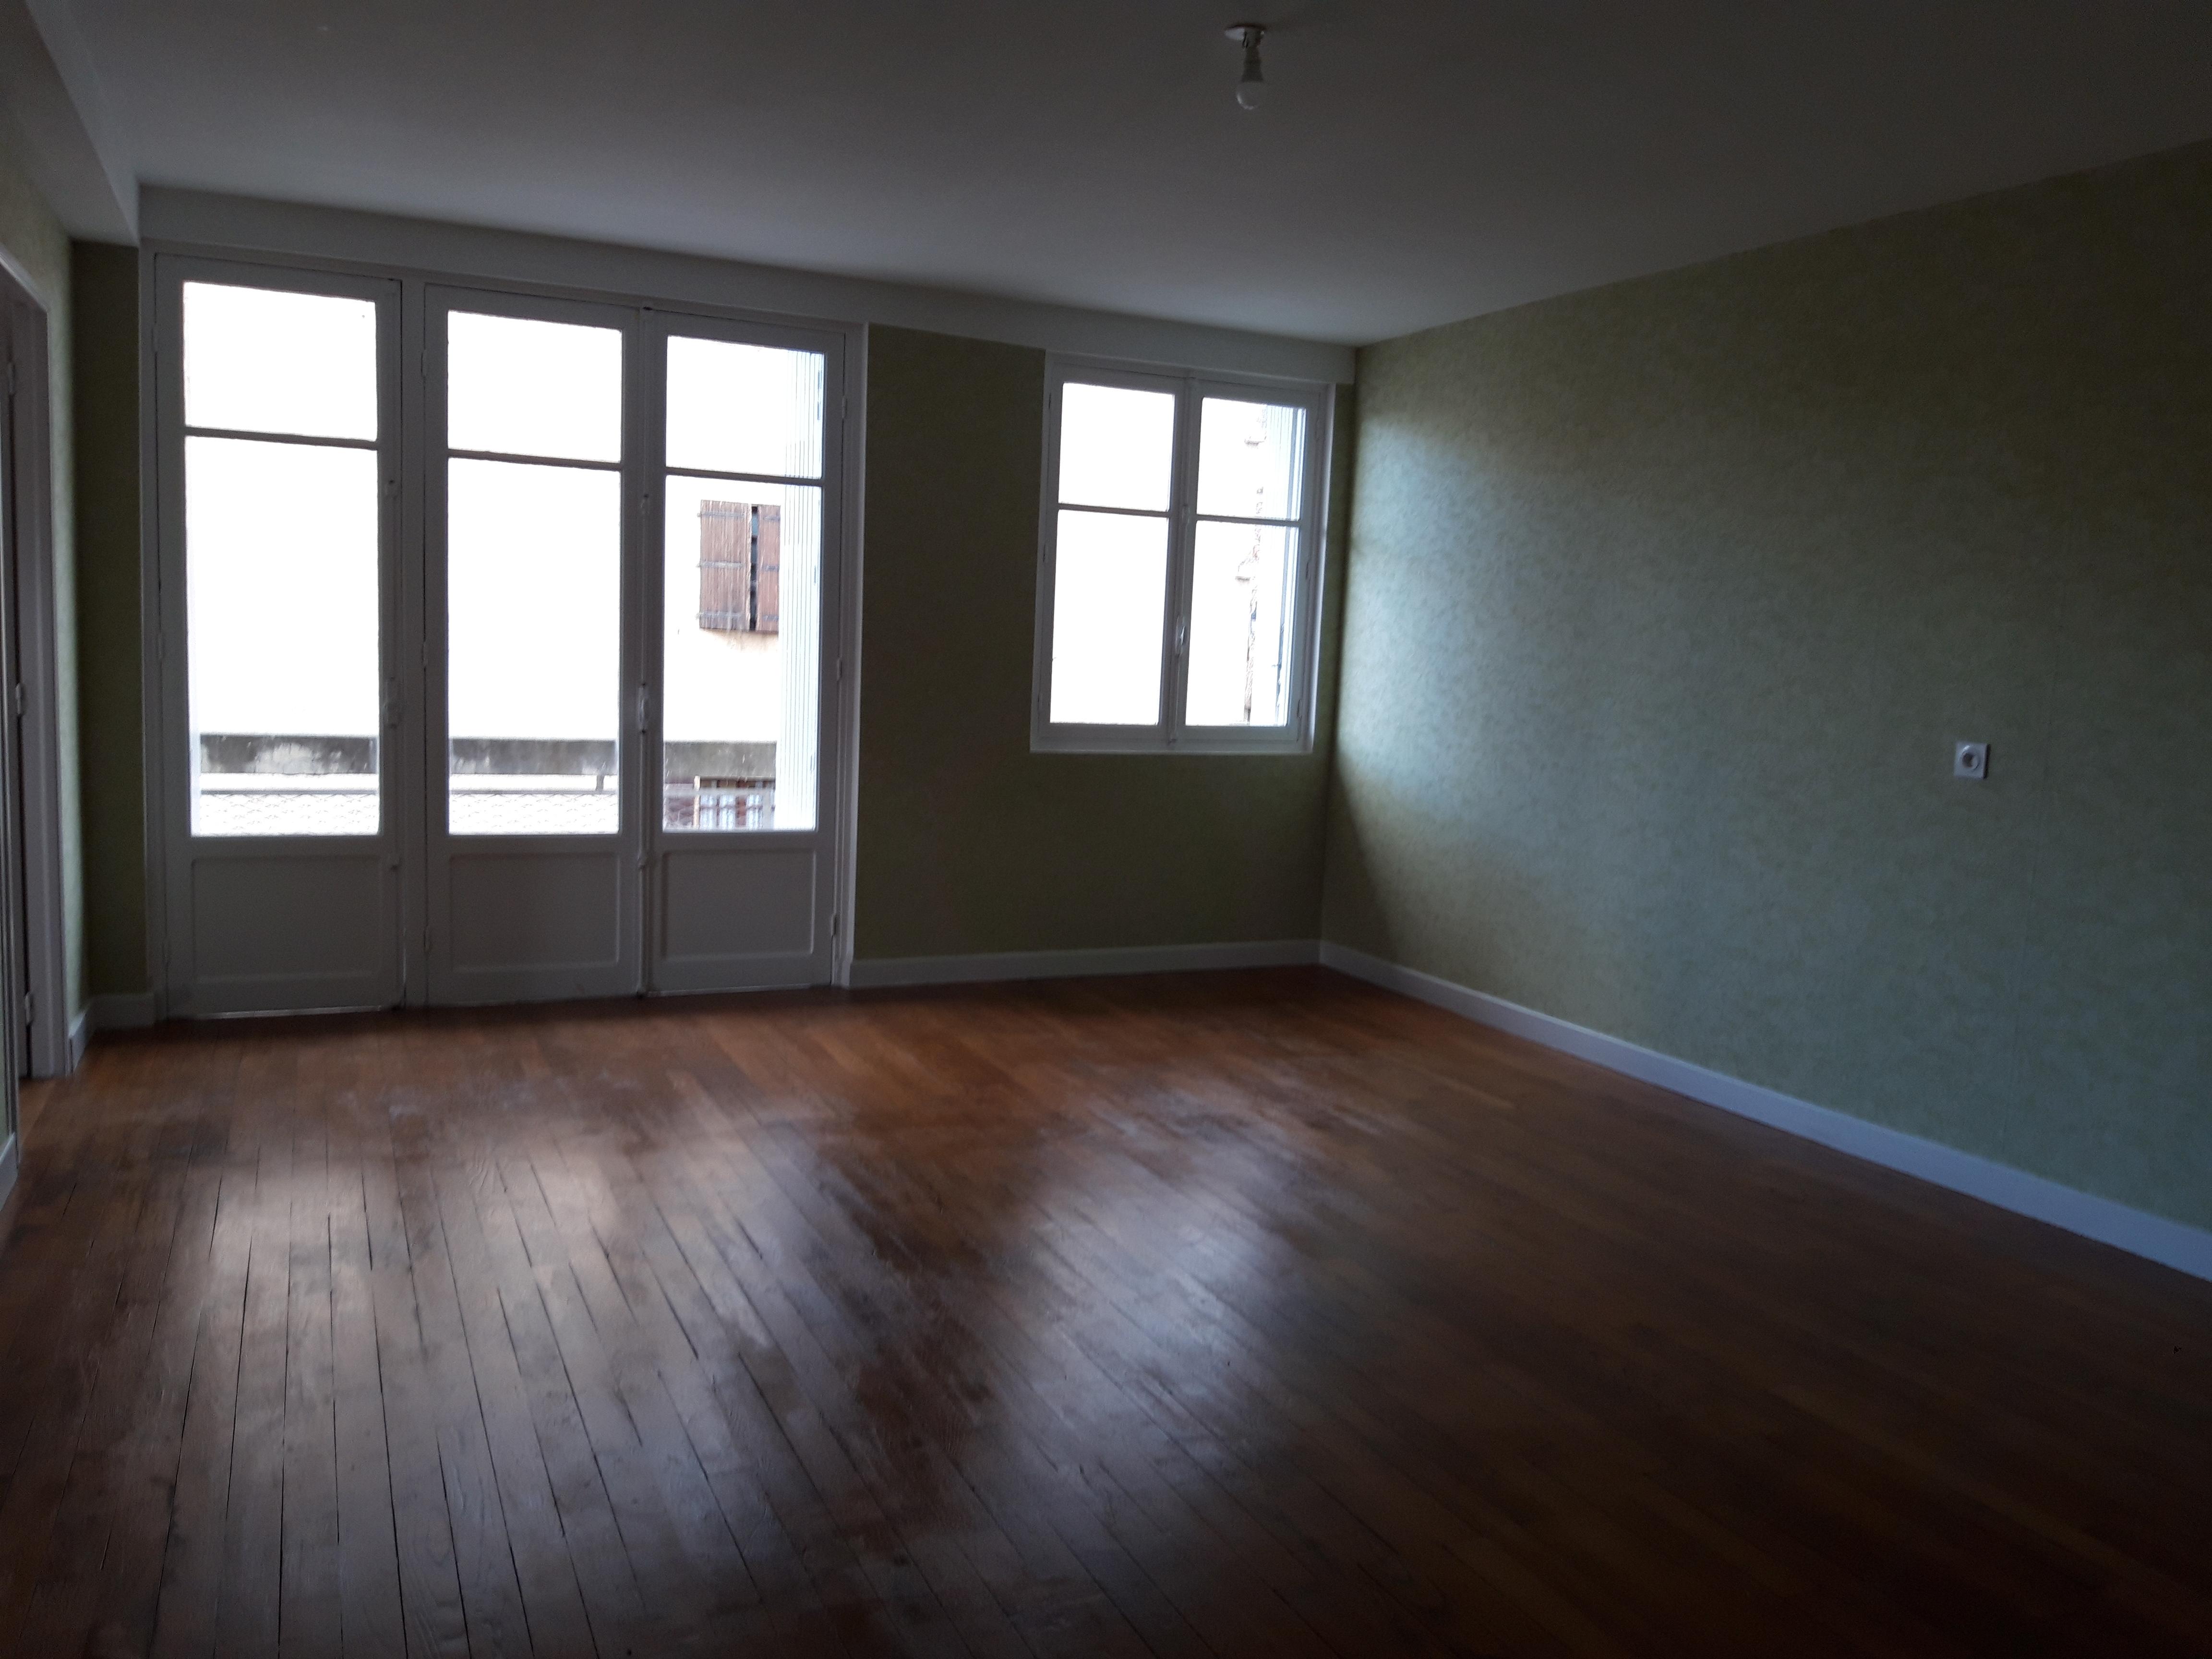 Appartement T3 avec balcon à louer à FIGEAC centre